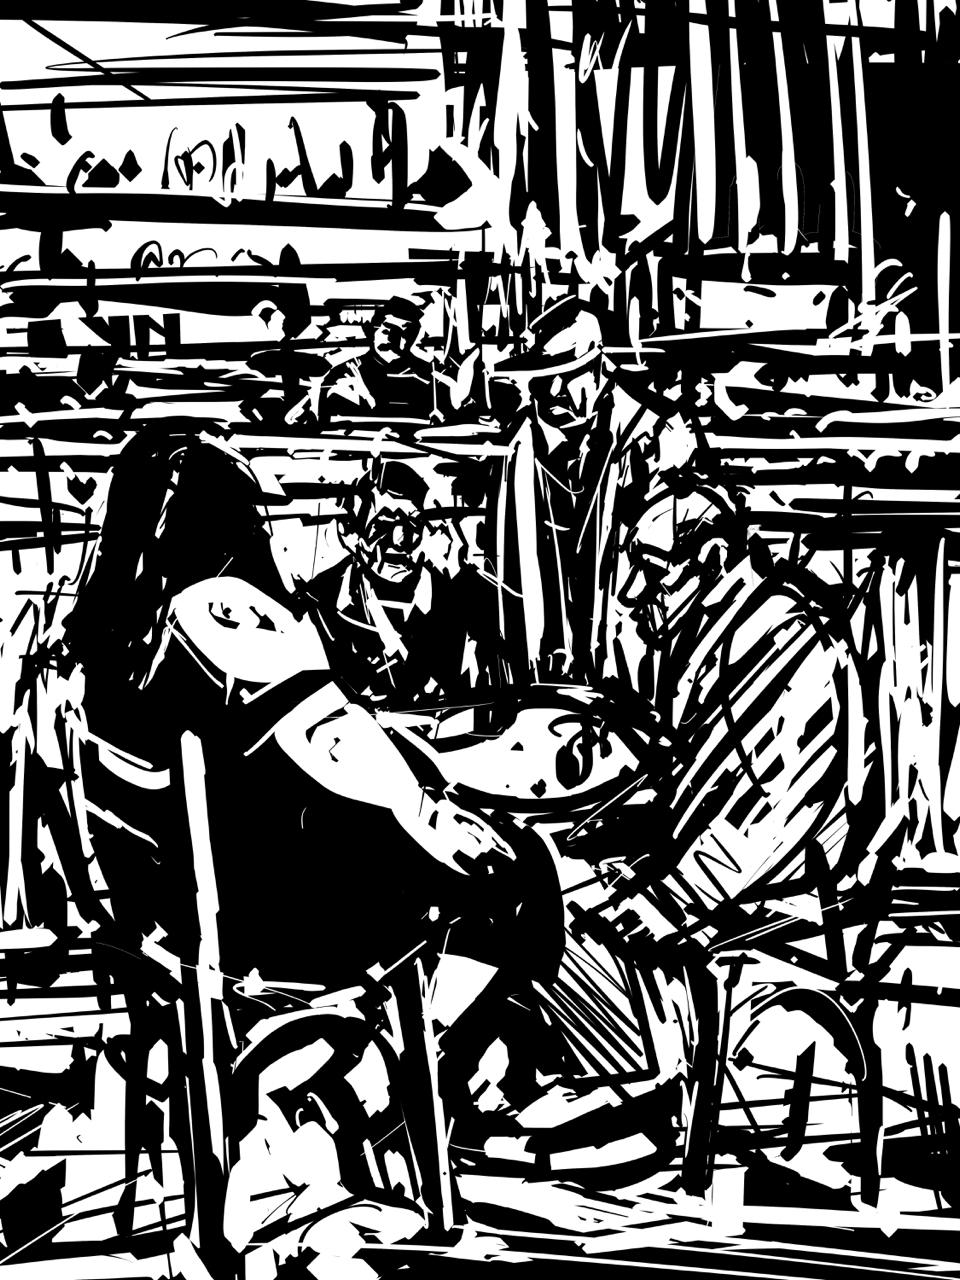 Bar-scene 2